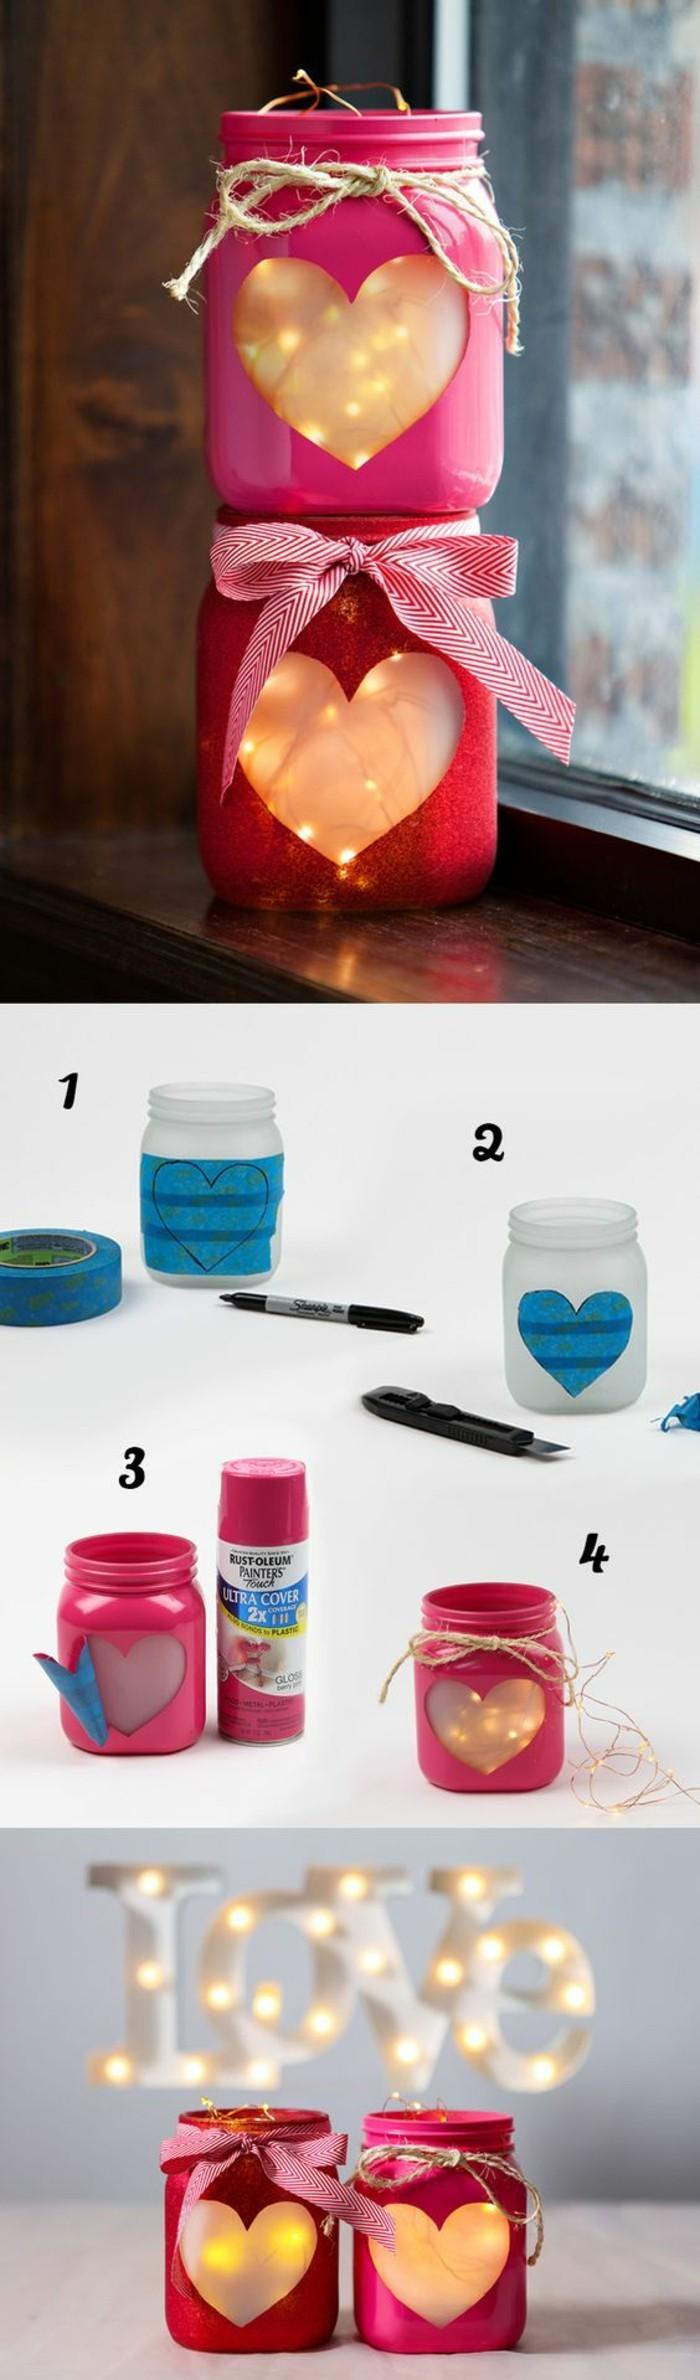 kreative-geschenkideen-romantische-glaser-selbst-gestalten